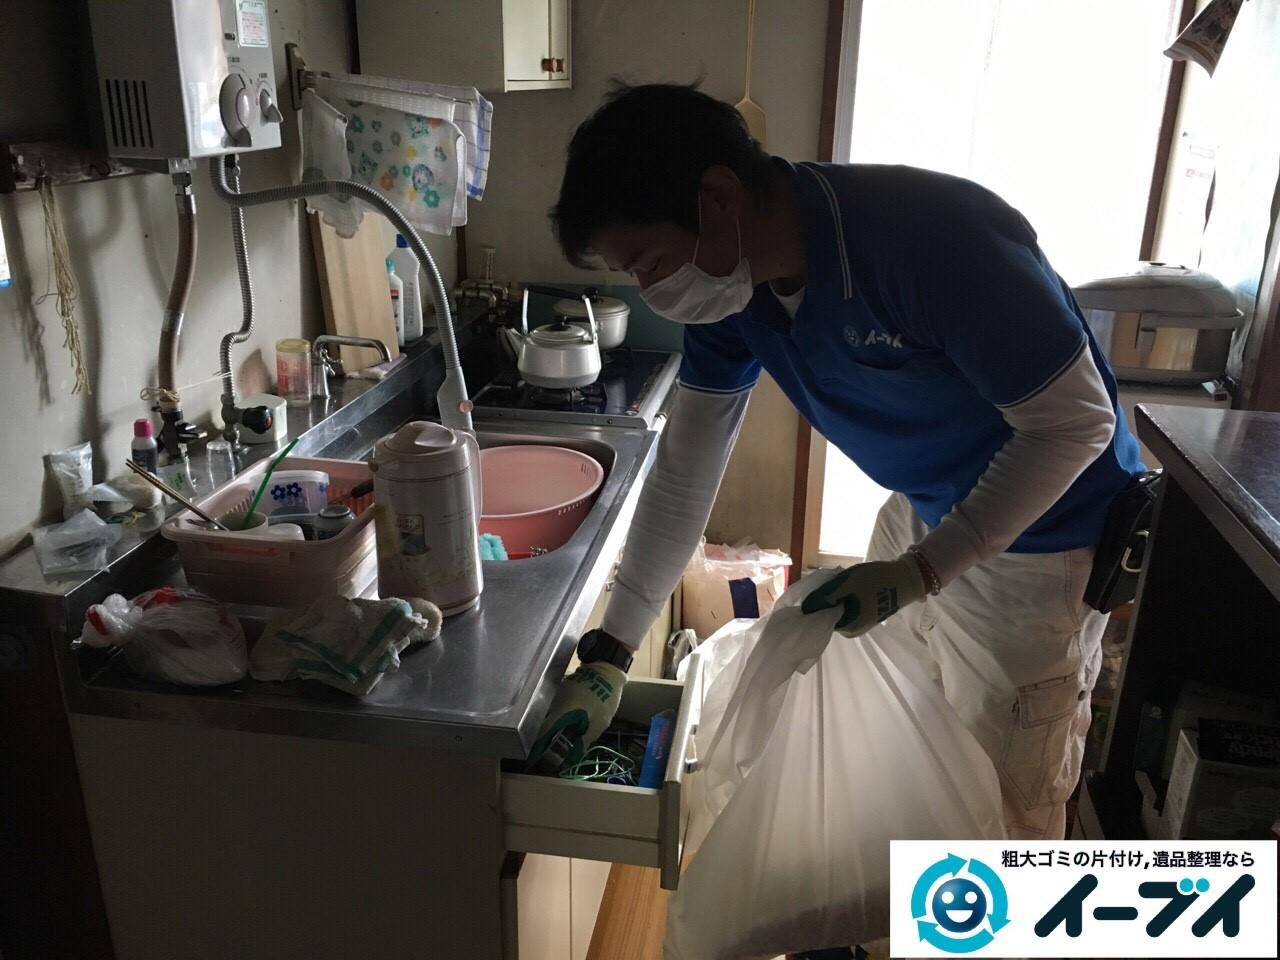 2017年4月27日大阪府交野市で遺品整理に伴い生活用品や家具処分をしました。写真7